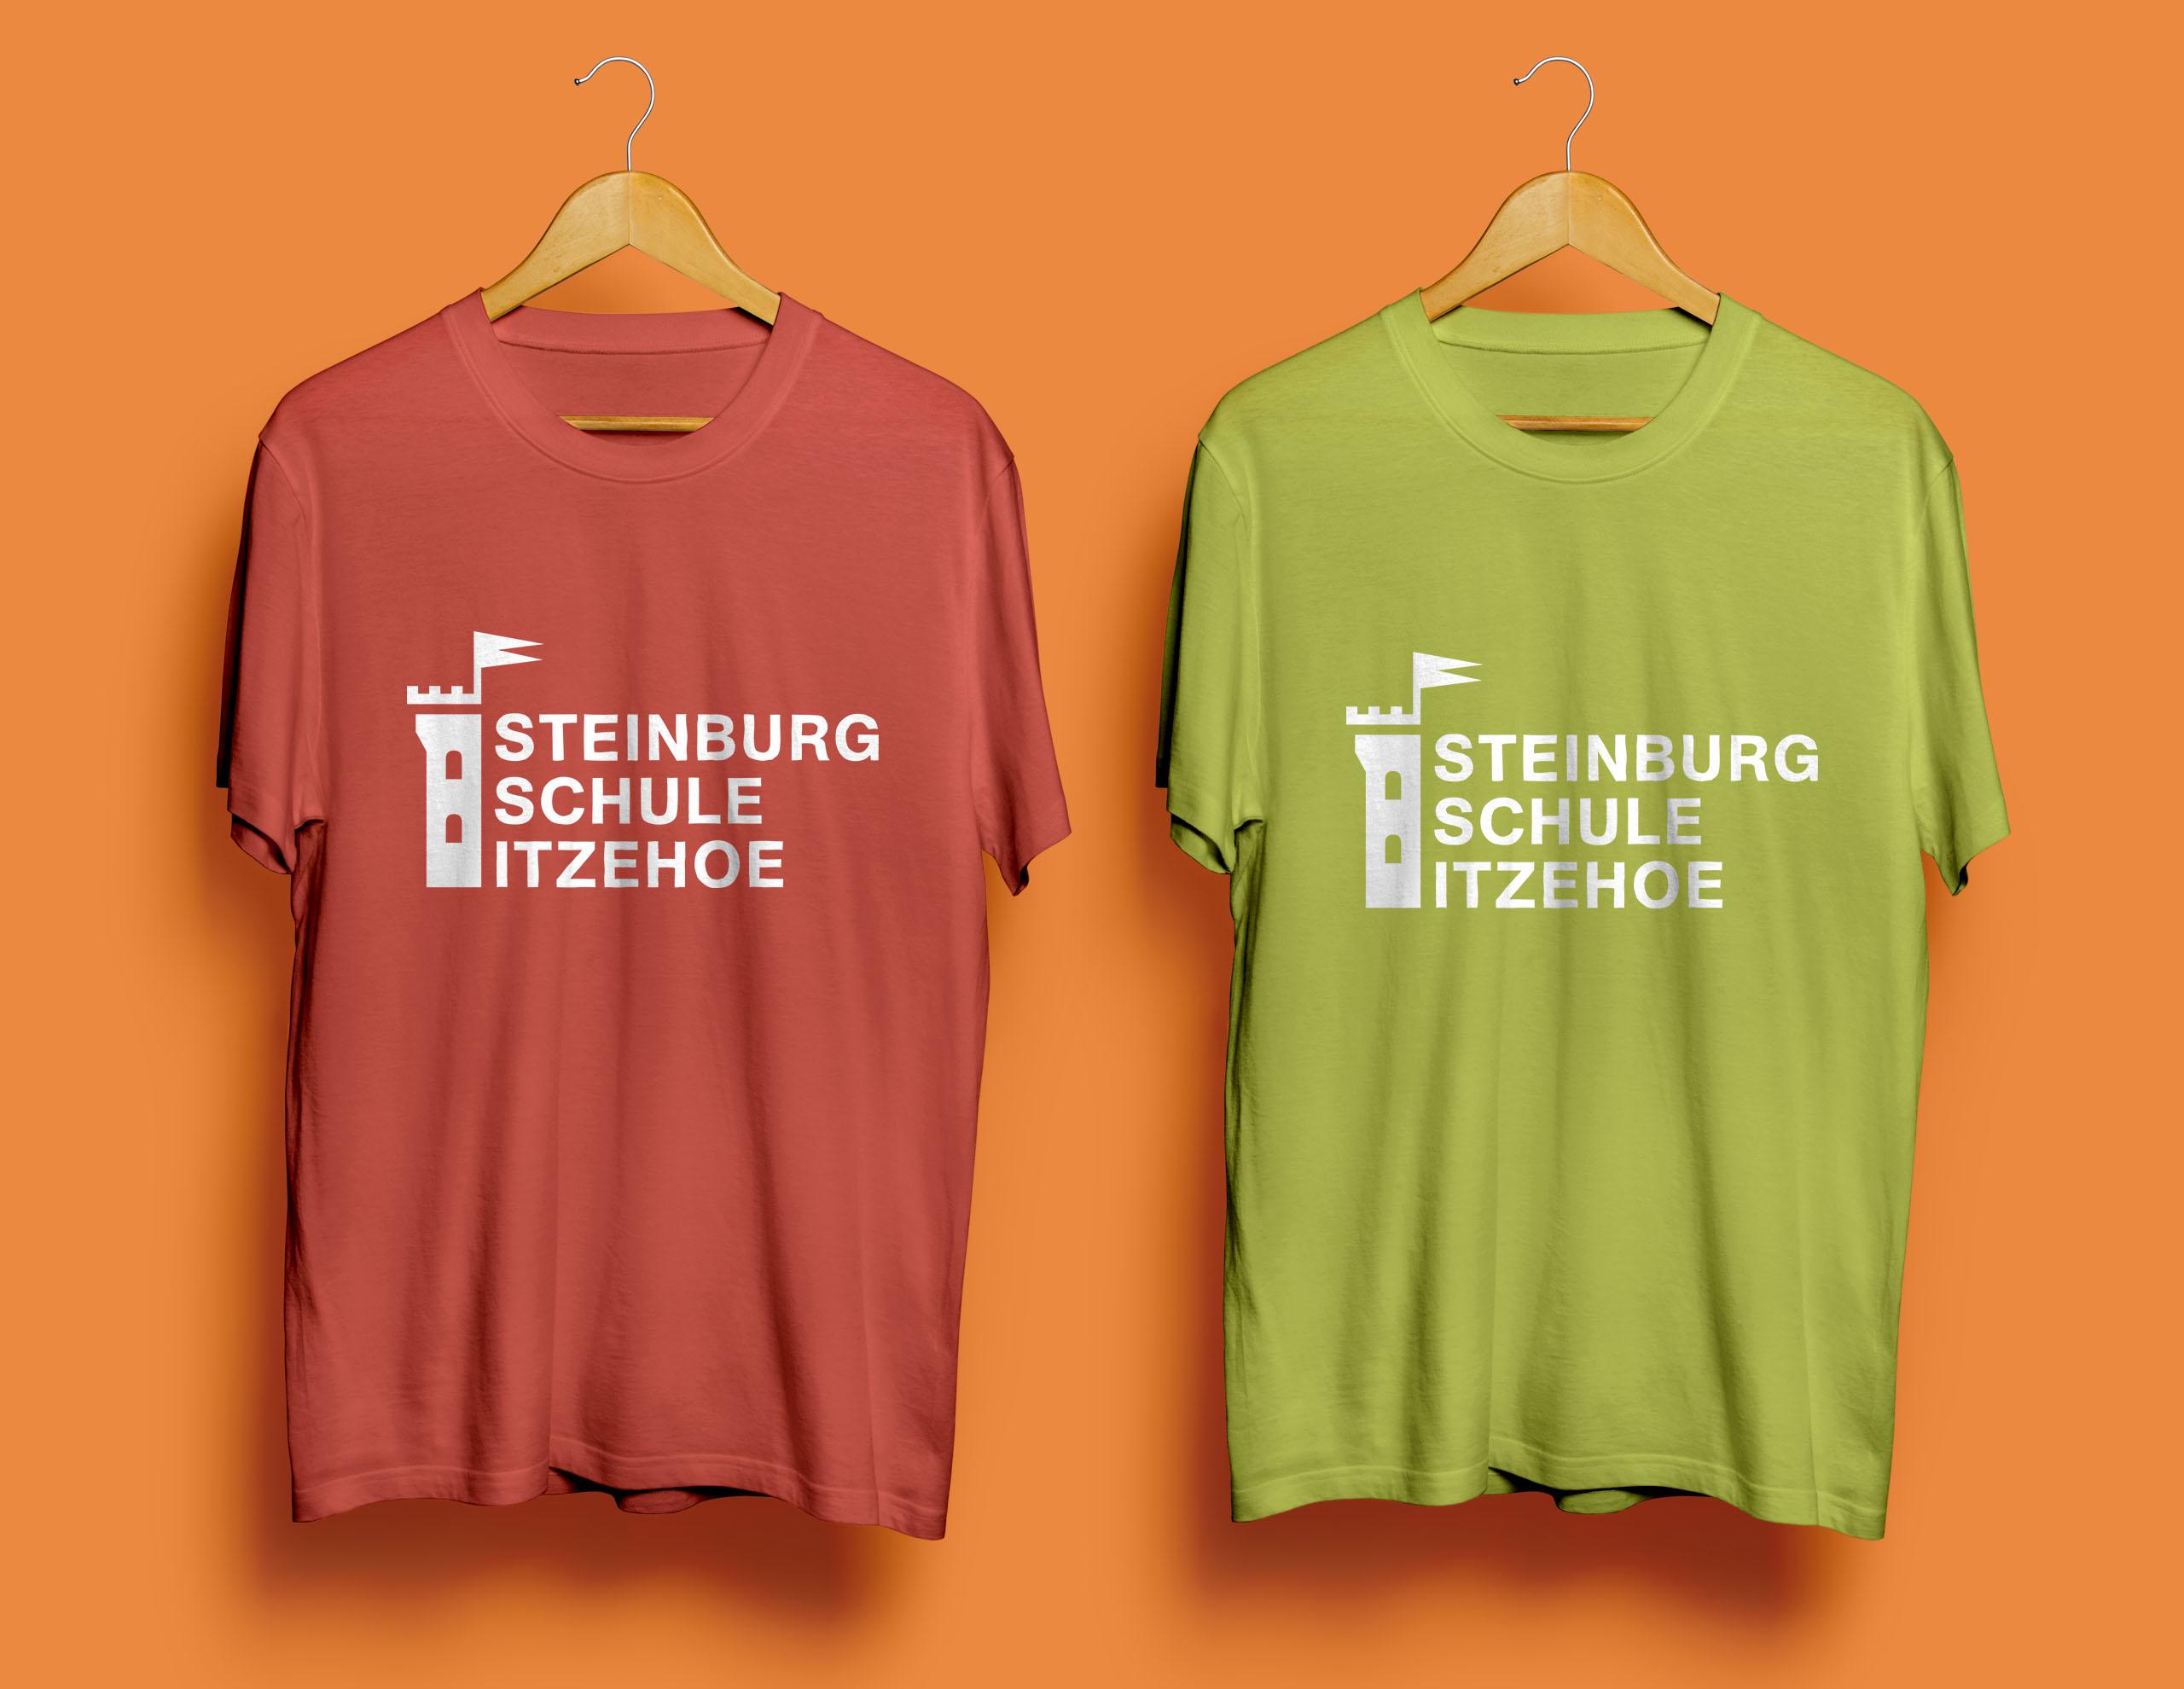 Steinburg-Schule_T-Shirts_2560x1920_2